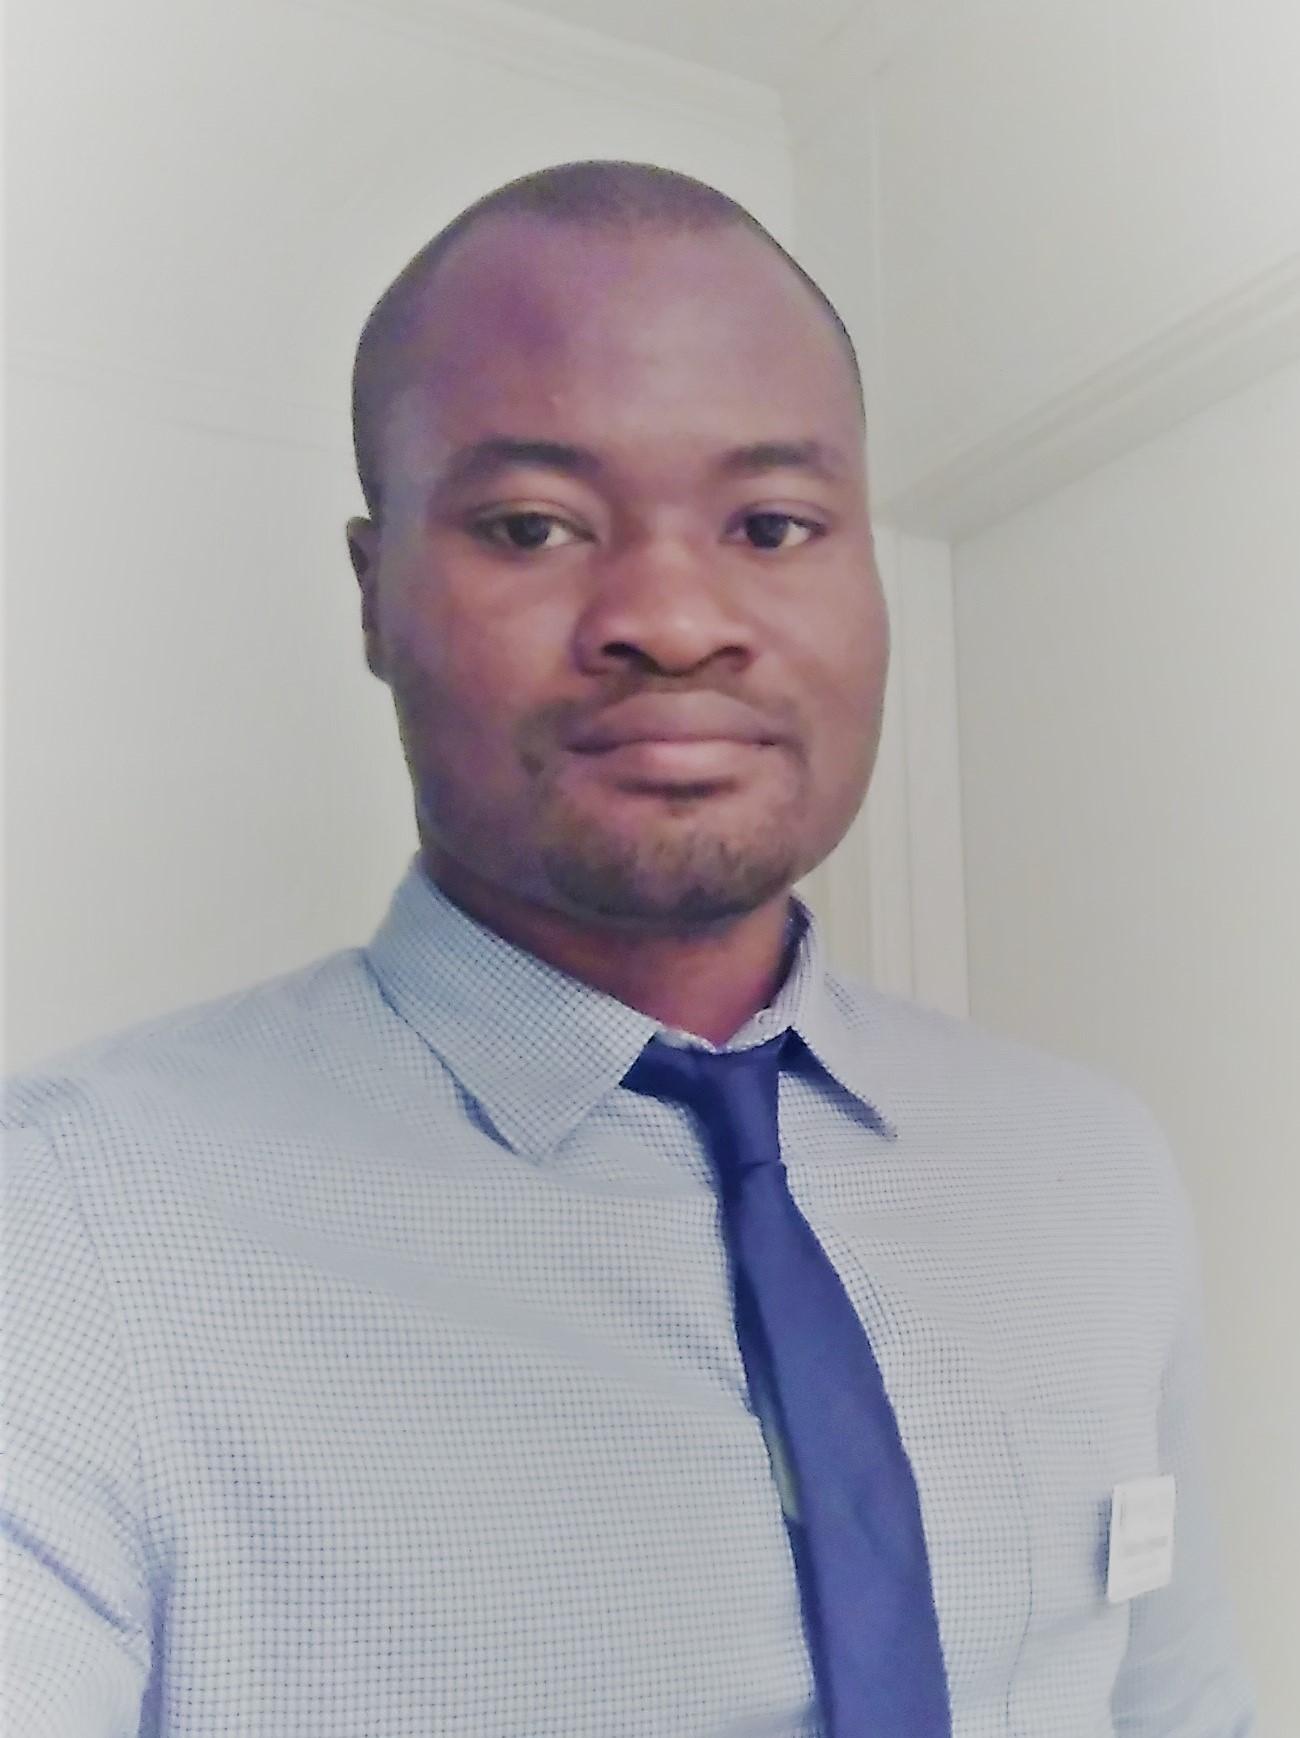 Chidera Ogbonna